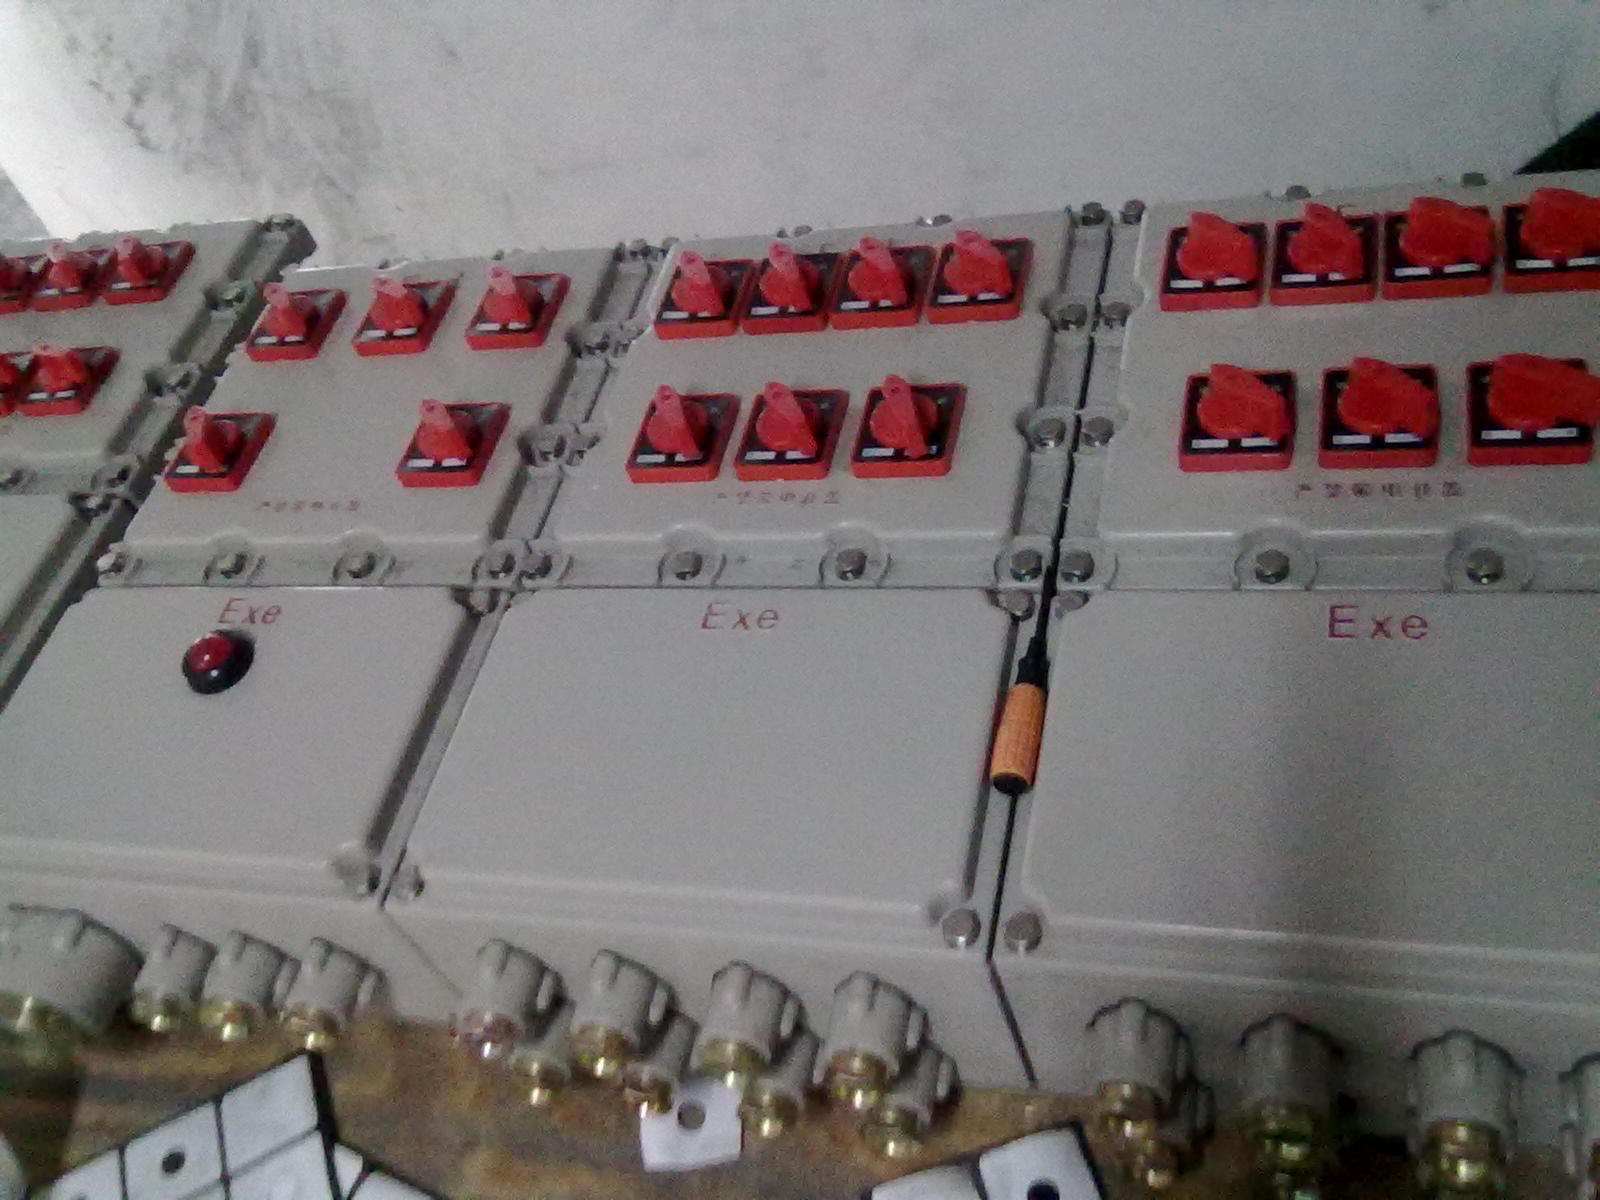 照明动力配电箱从字面上的解释是,照明配电箱和动力配电箱,箱子的名称